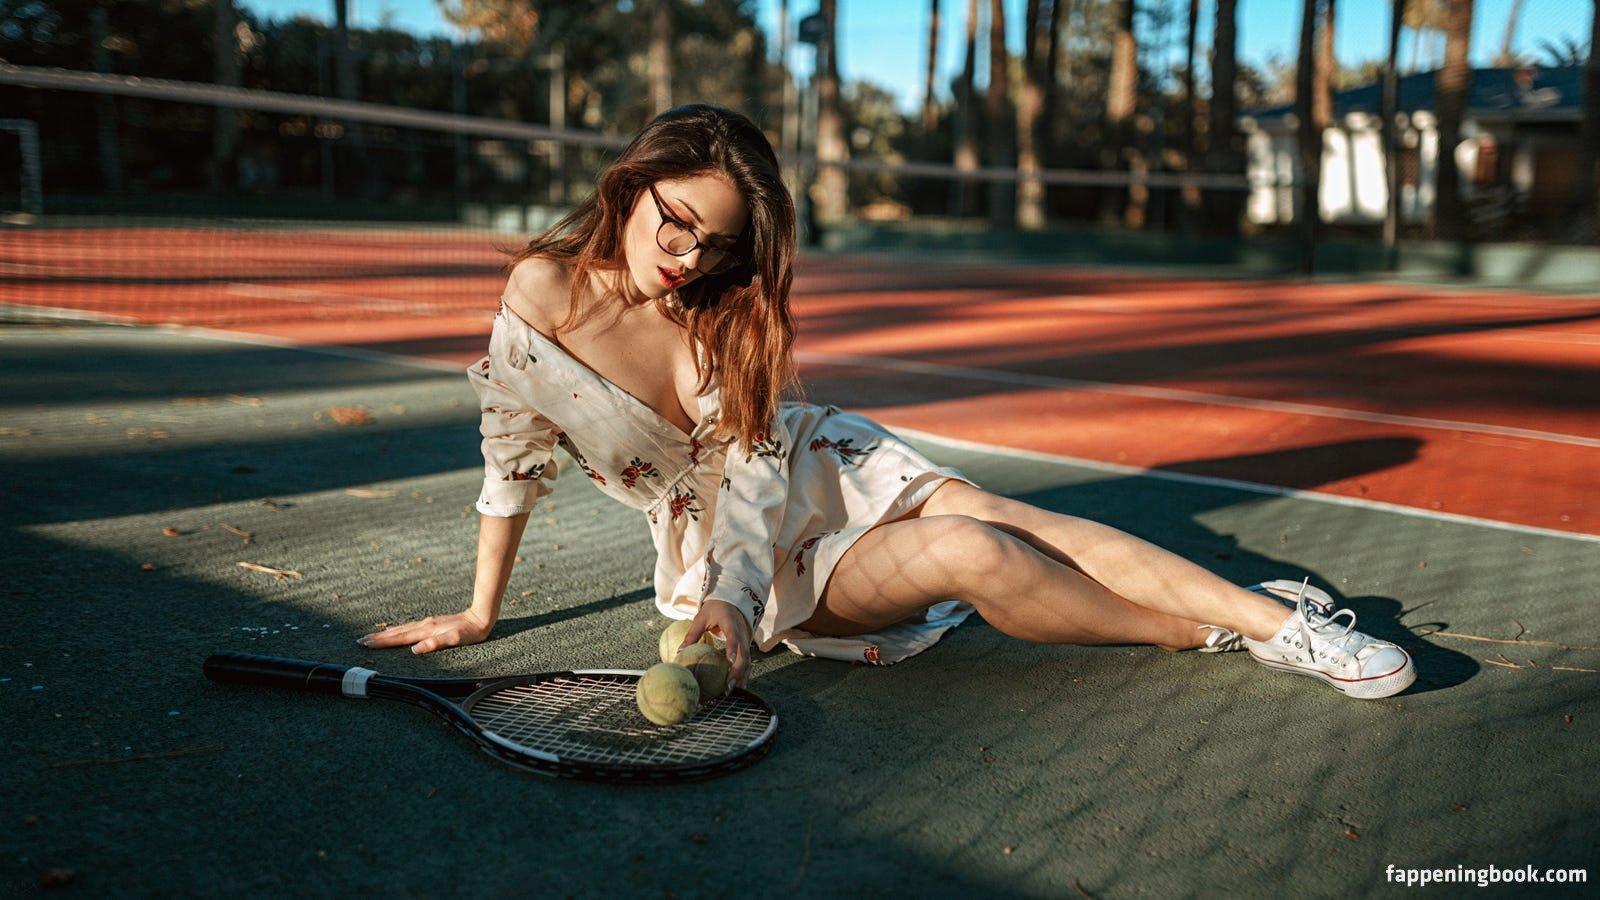 Alisa Tomei Porn delaia gonzalez nude, sexy, the fappening, uncensored